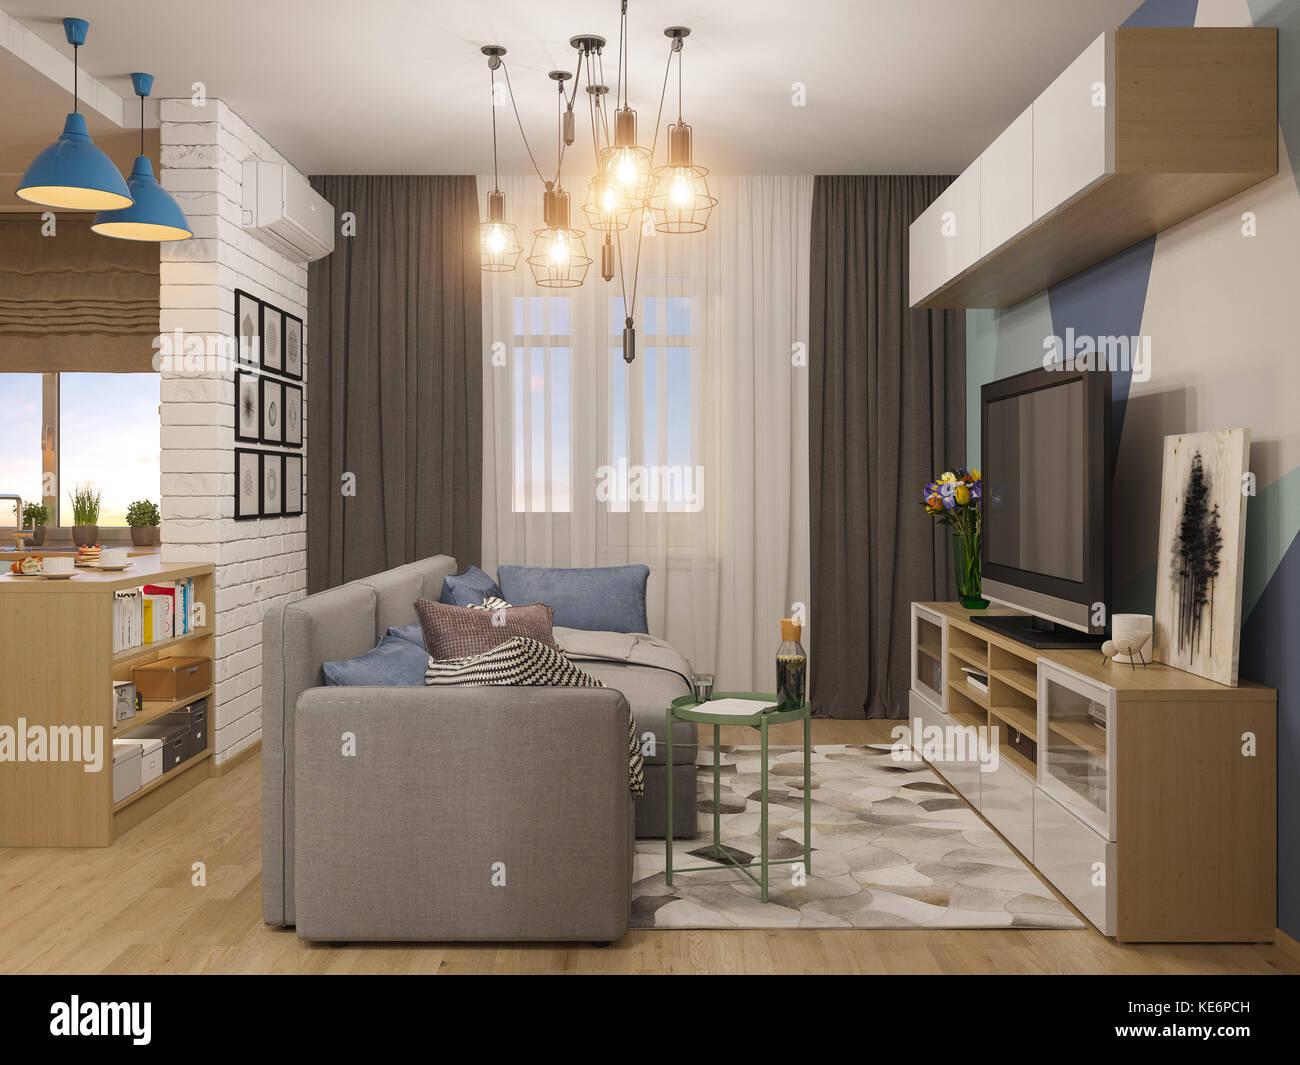 Ilustración 3d, salón y cocina. El diseño interior moderno ...